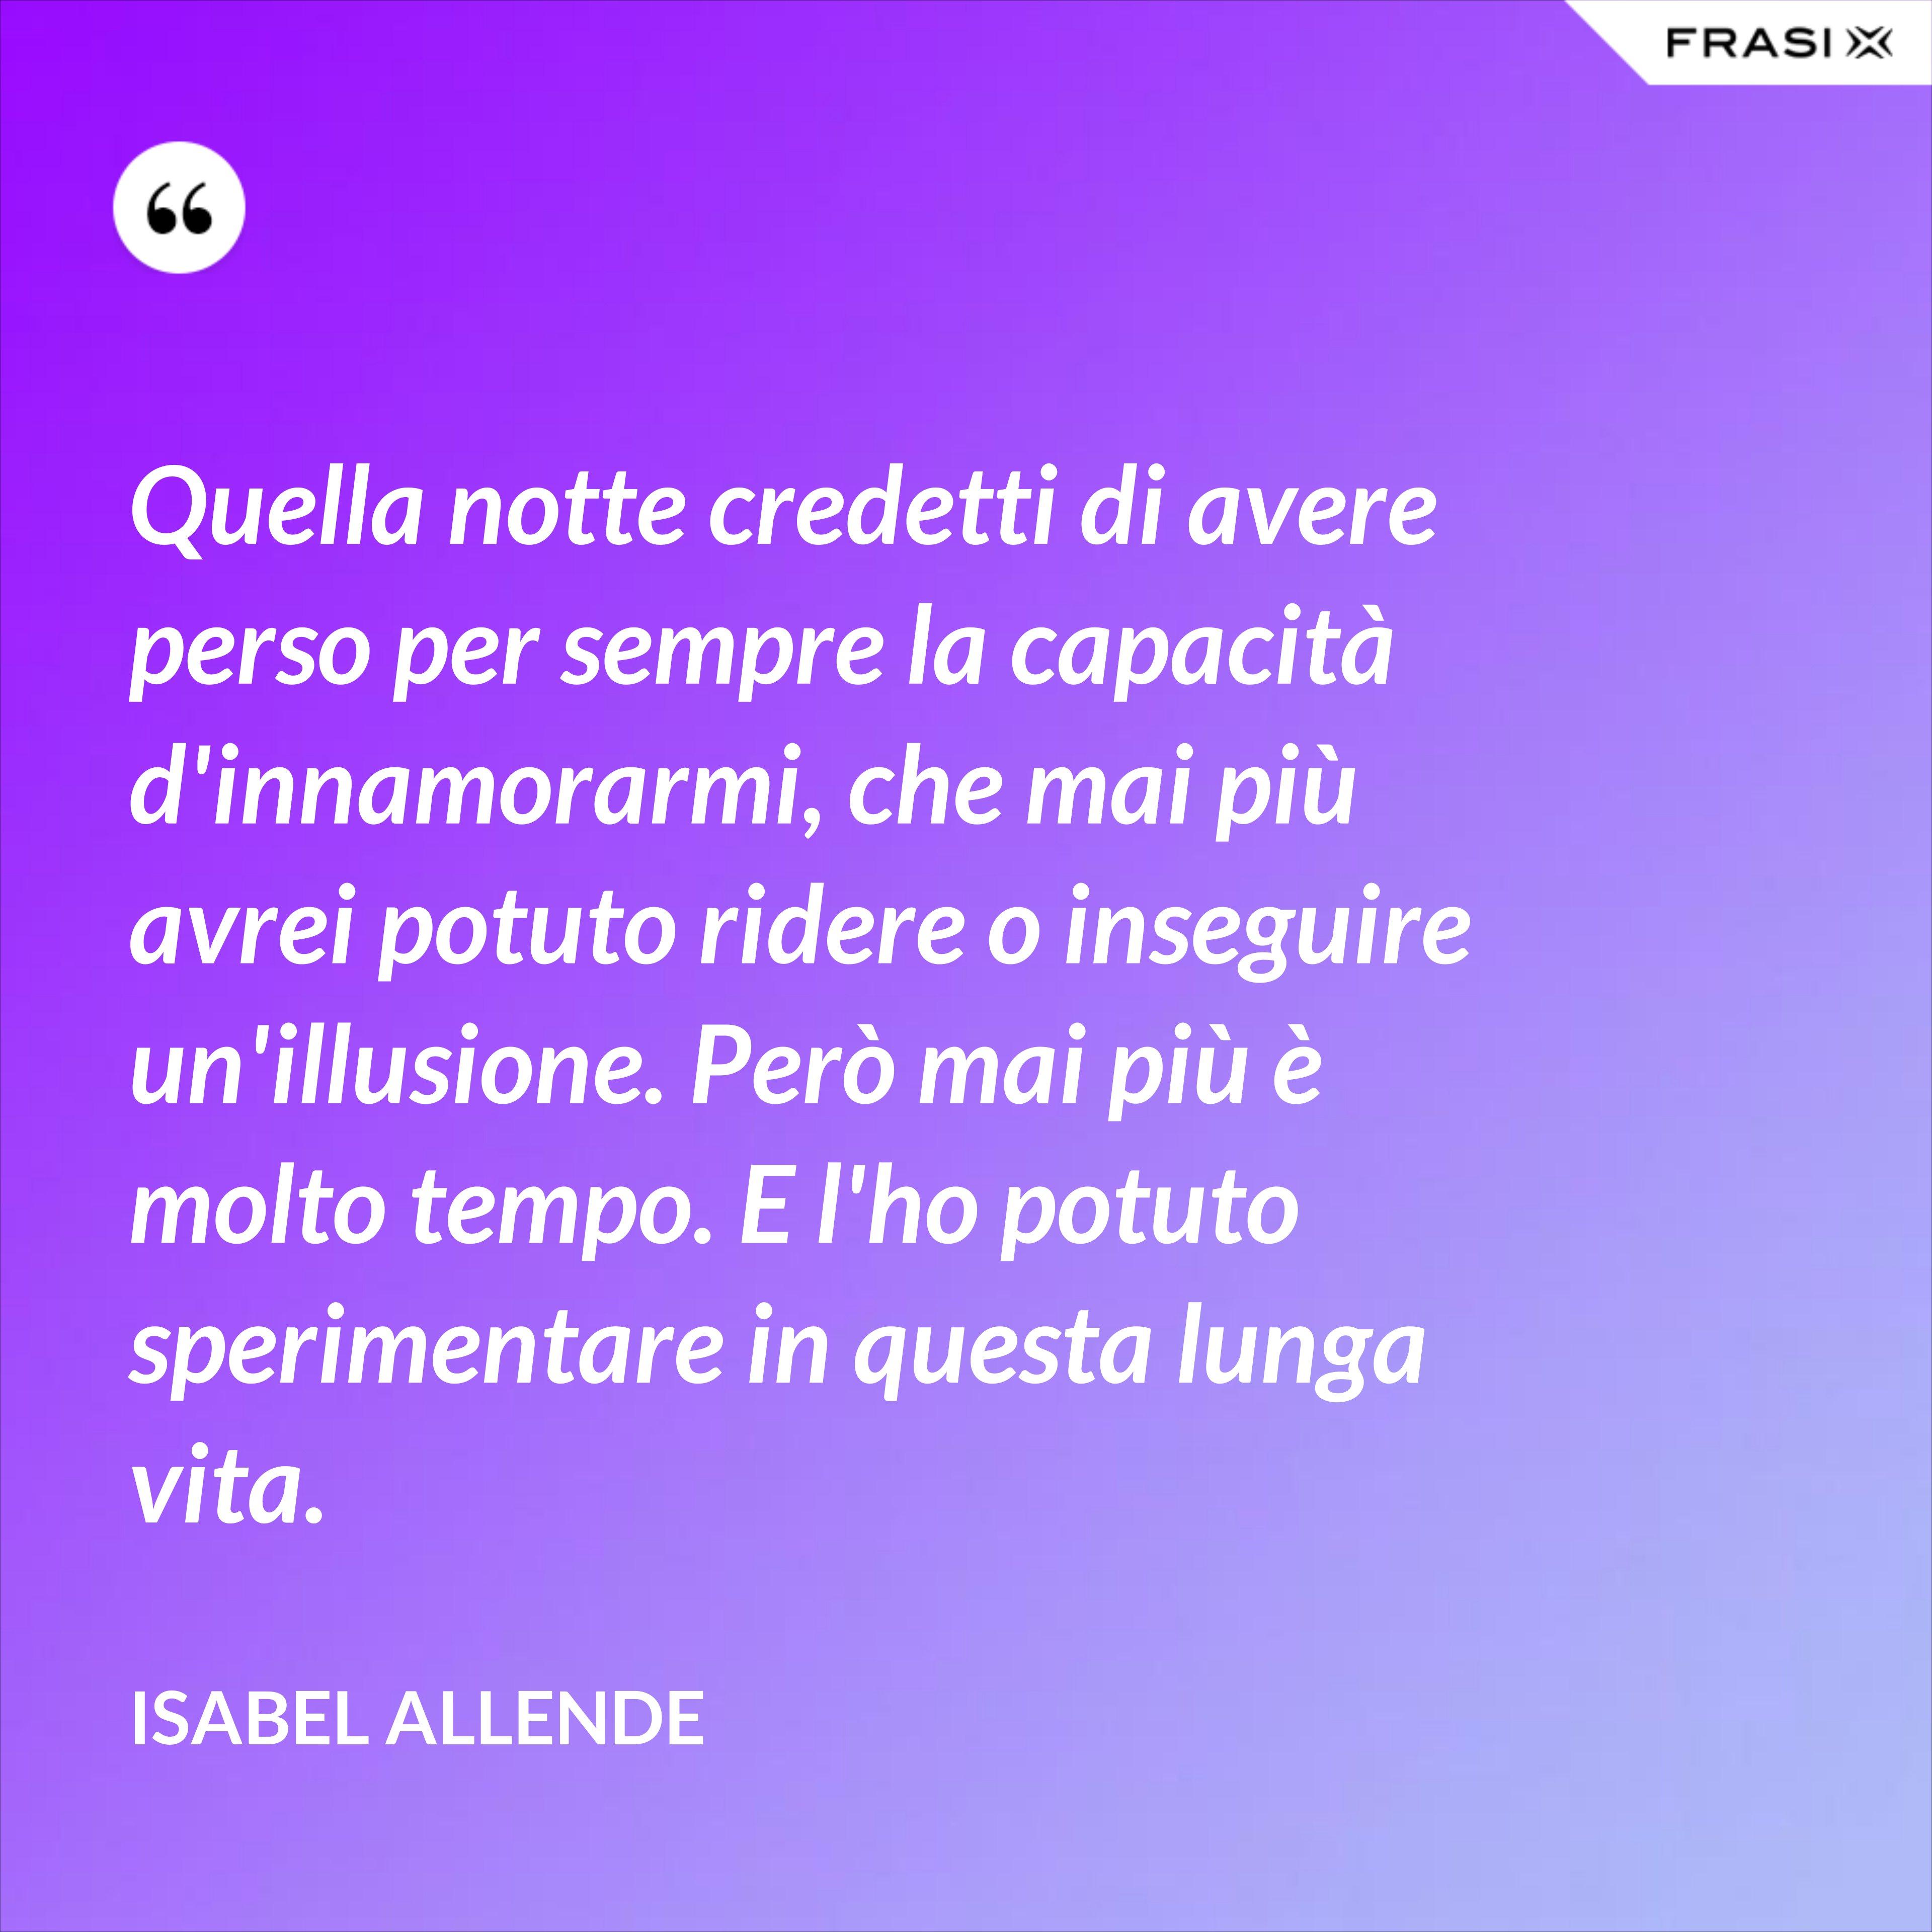 Quella notte credetti di avere perso per sempre la capacità d'innamorarmi, che mai più avrei potuto ridere o inseguire un'illusione. Però mai più è molto tempo. E l'ho potuto sperimentare in questa lunga vita. - Isabel Allende